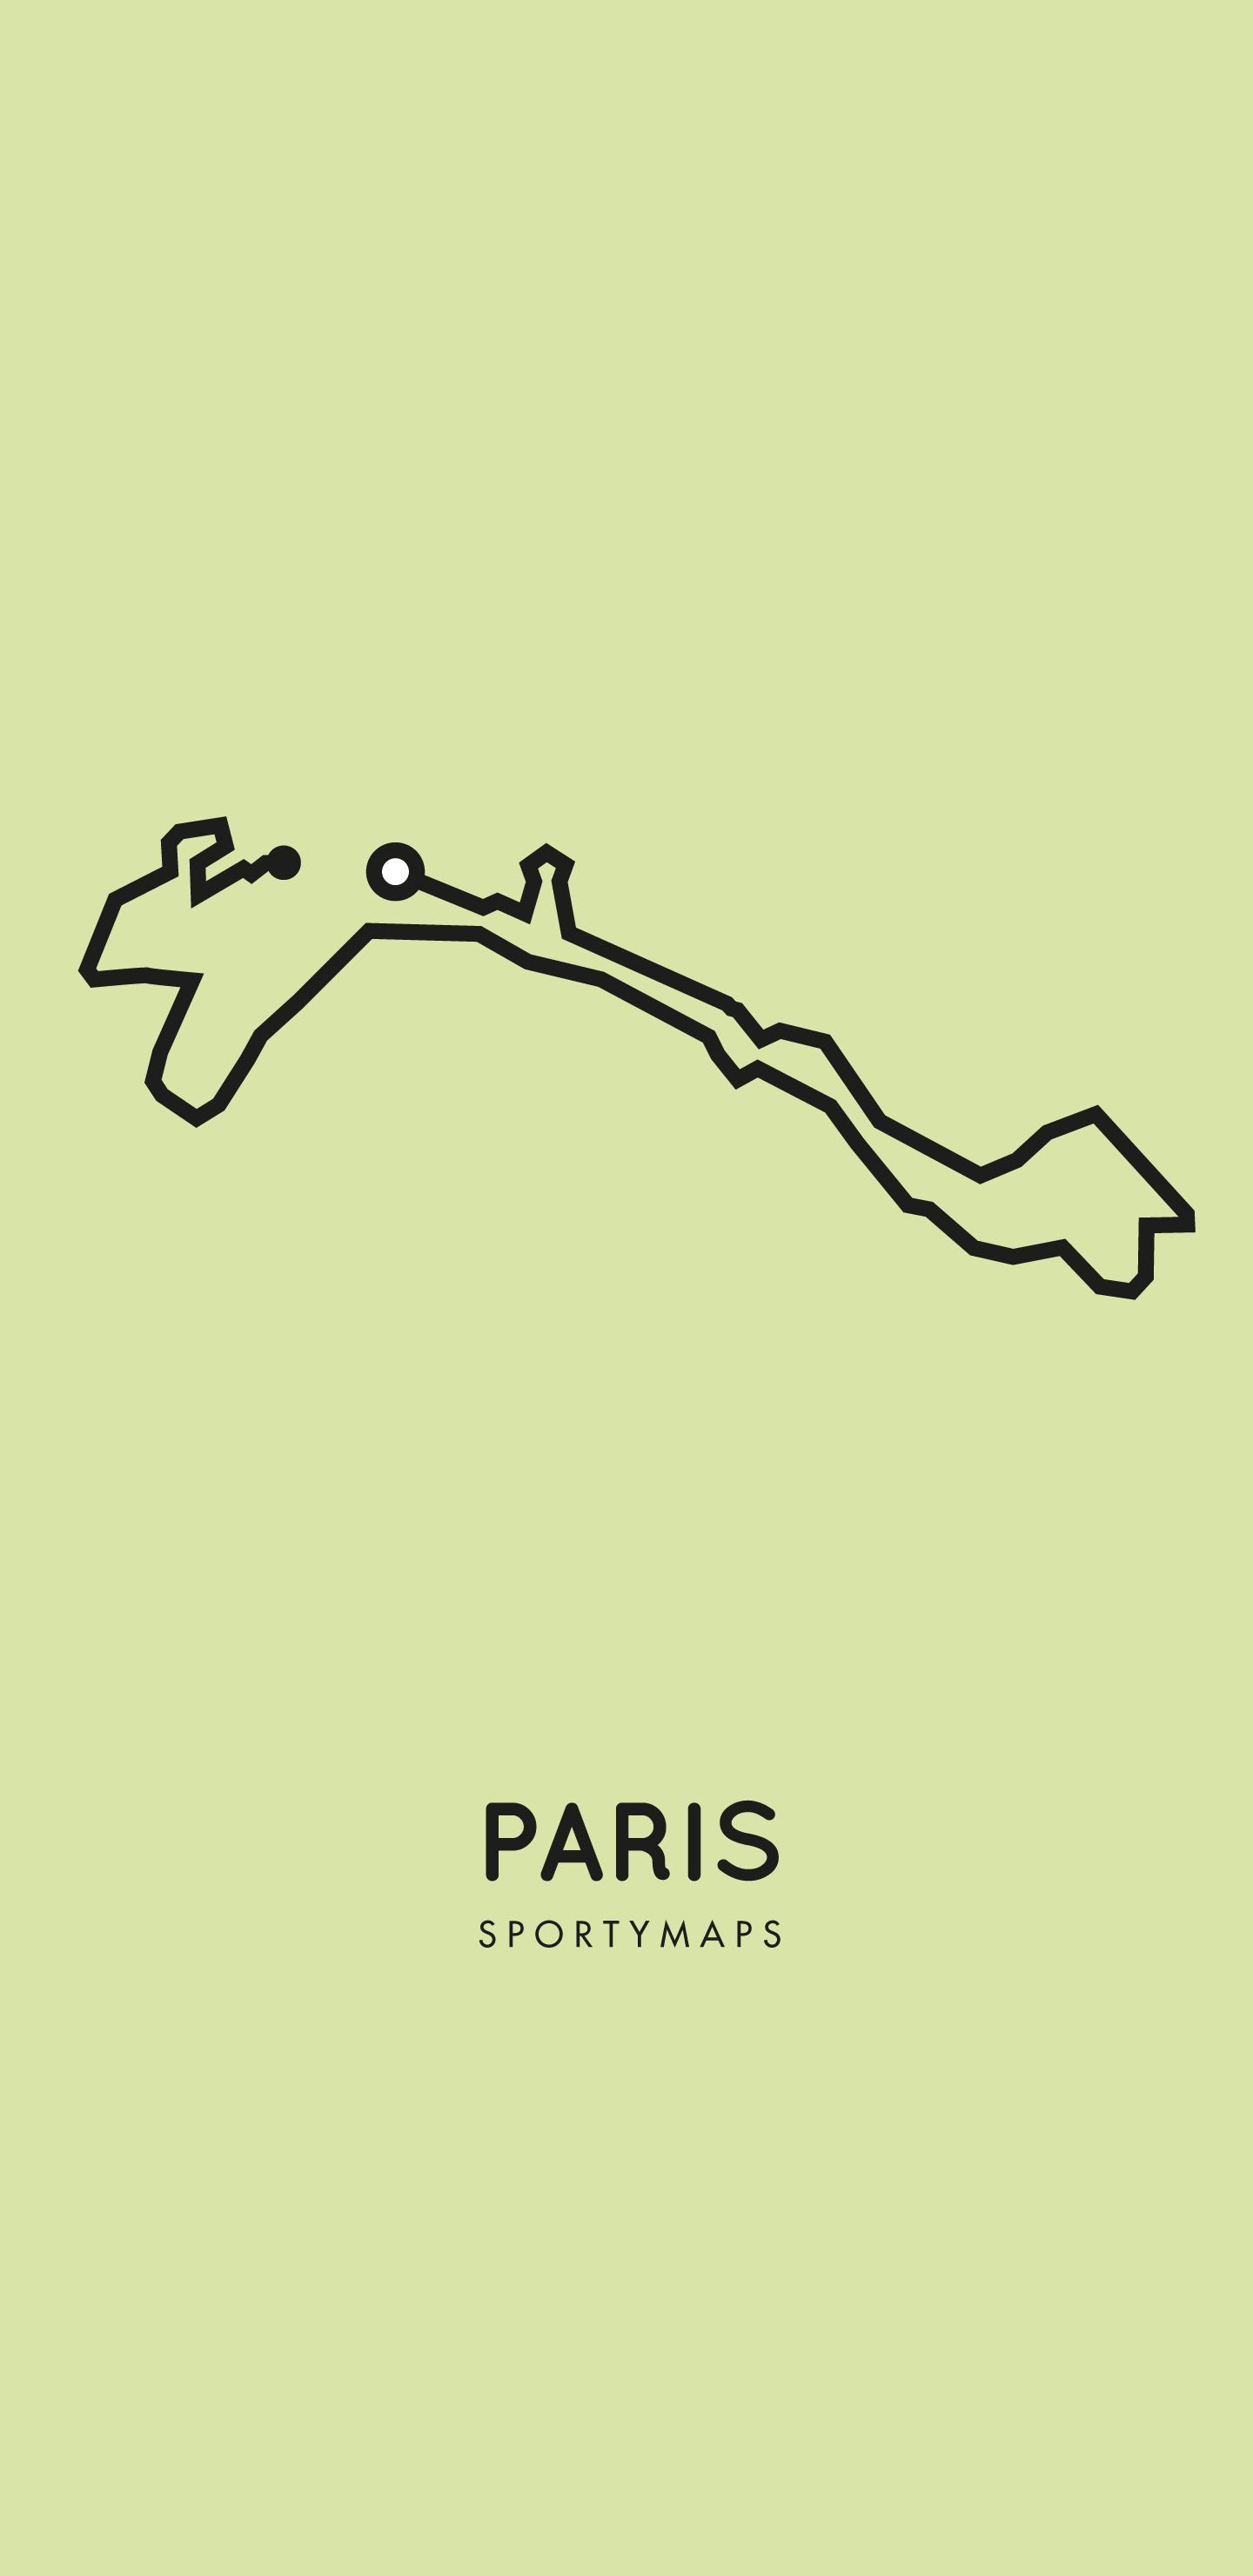 Sportymaps-Paris-marathon-green